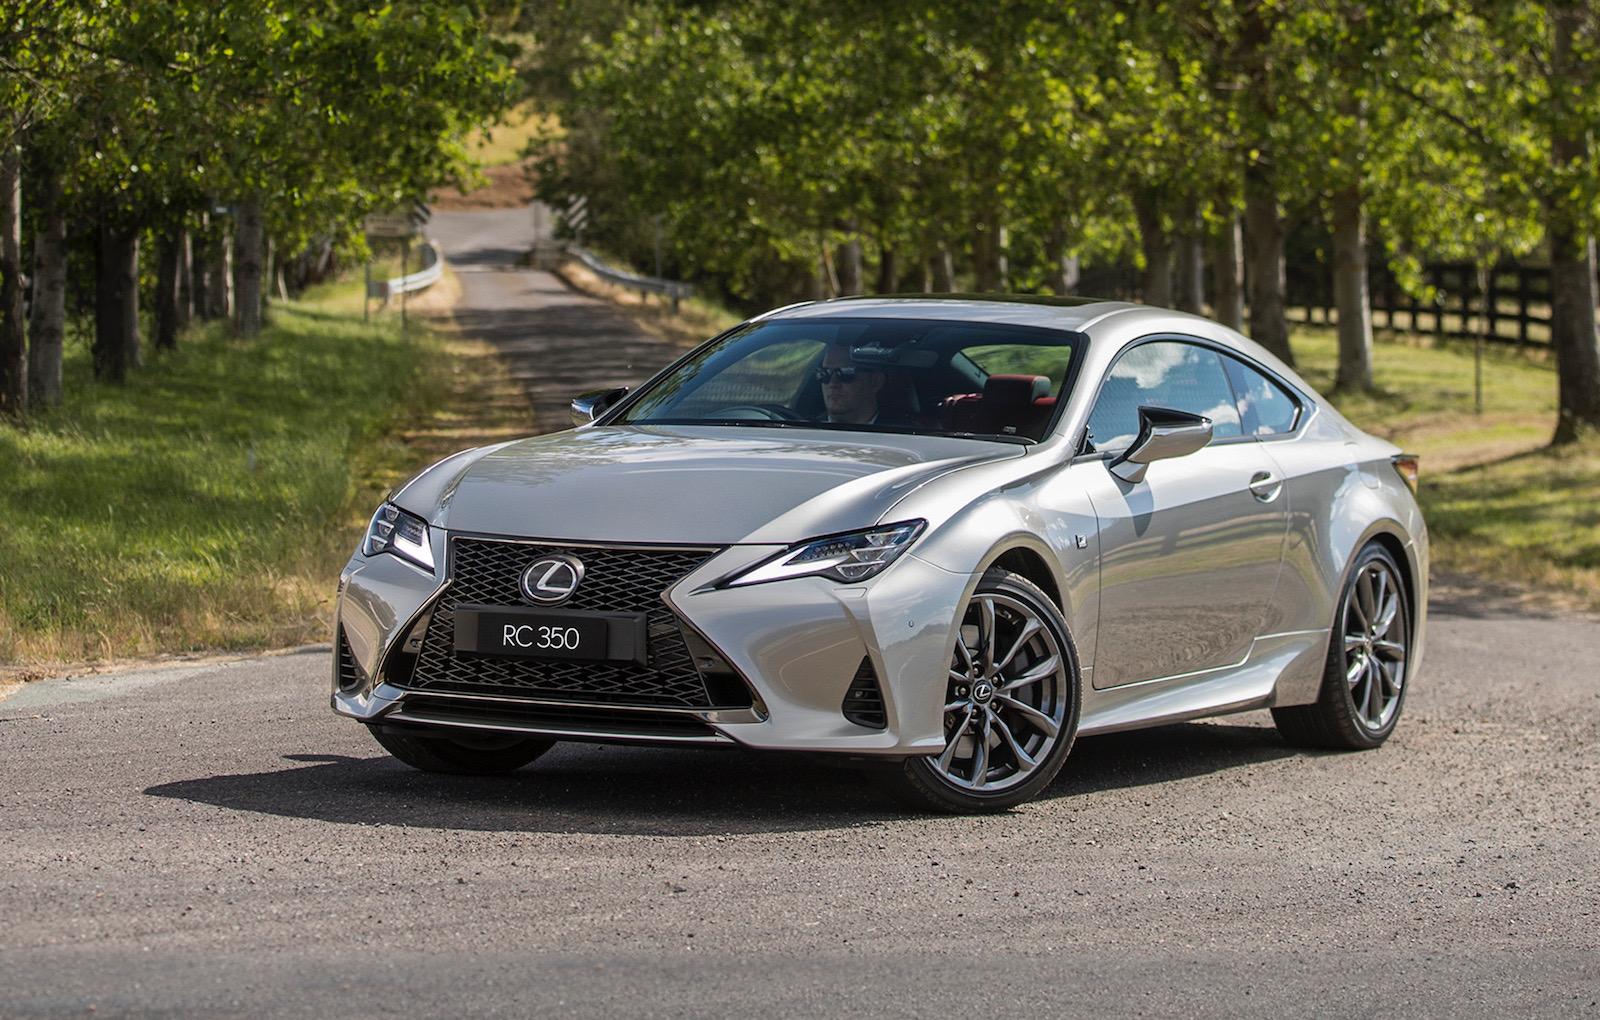 Lexus Of Lexington Ky >> 2019 Lexus Rc 350 F Sport For Sale - Used Car Reviews Cars ...